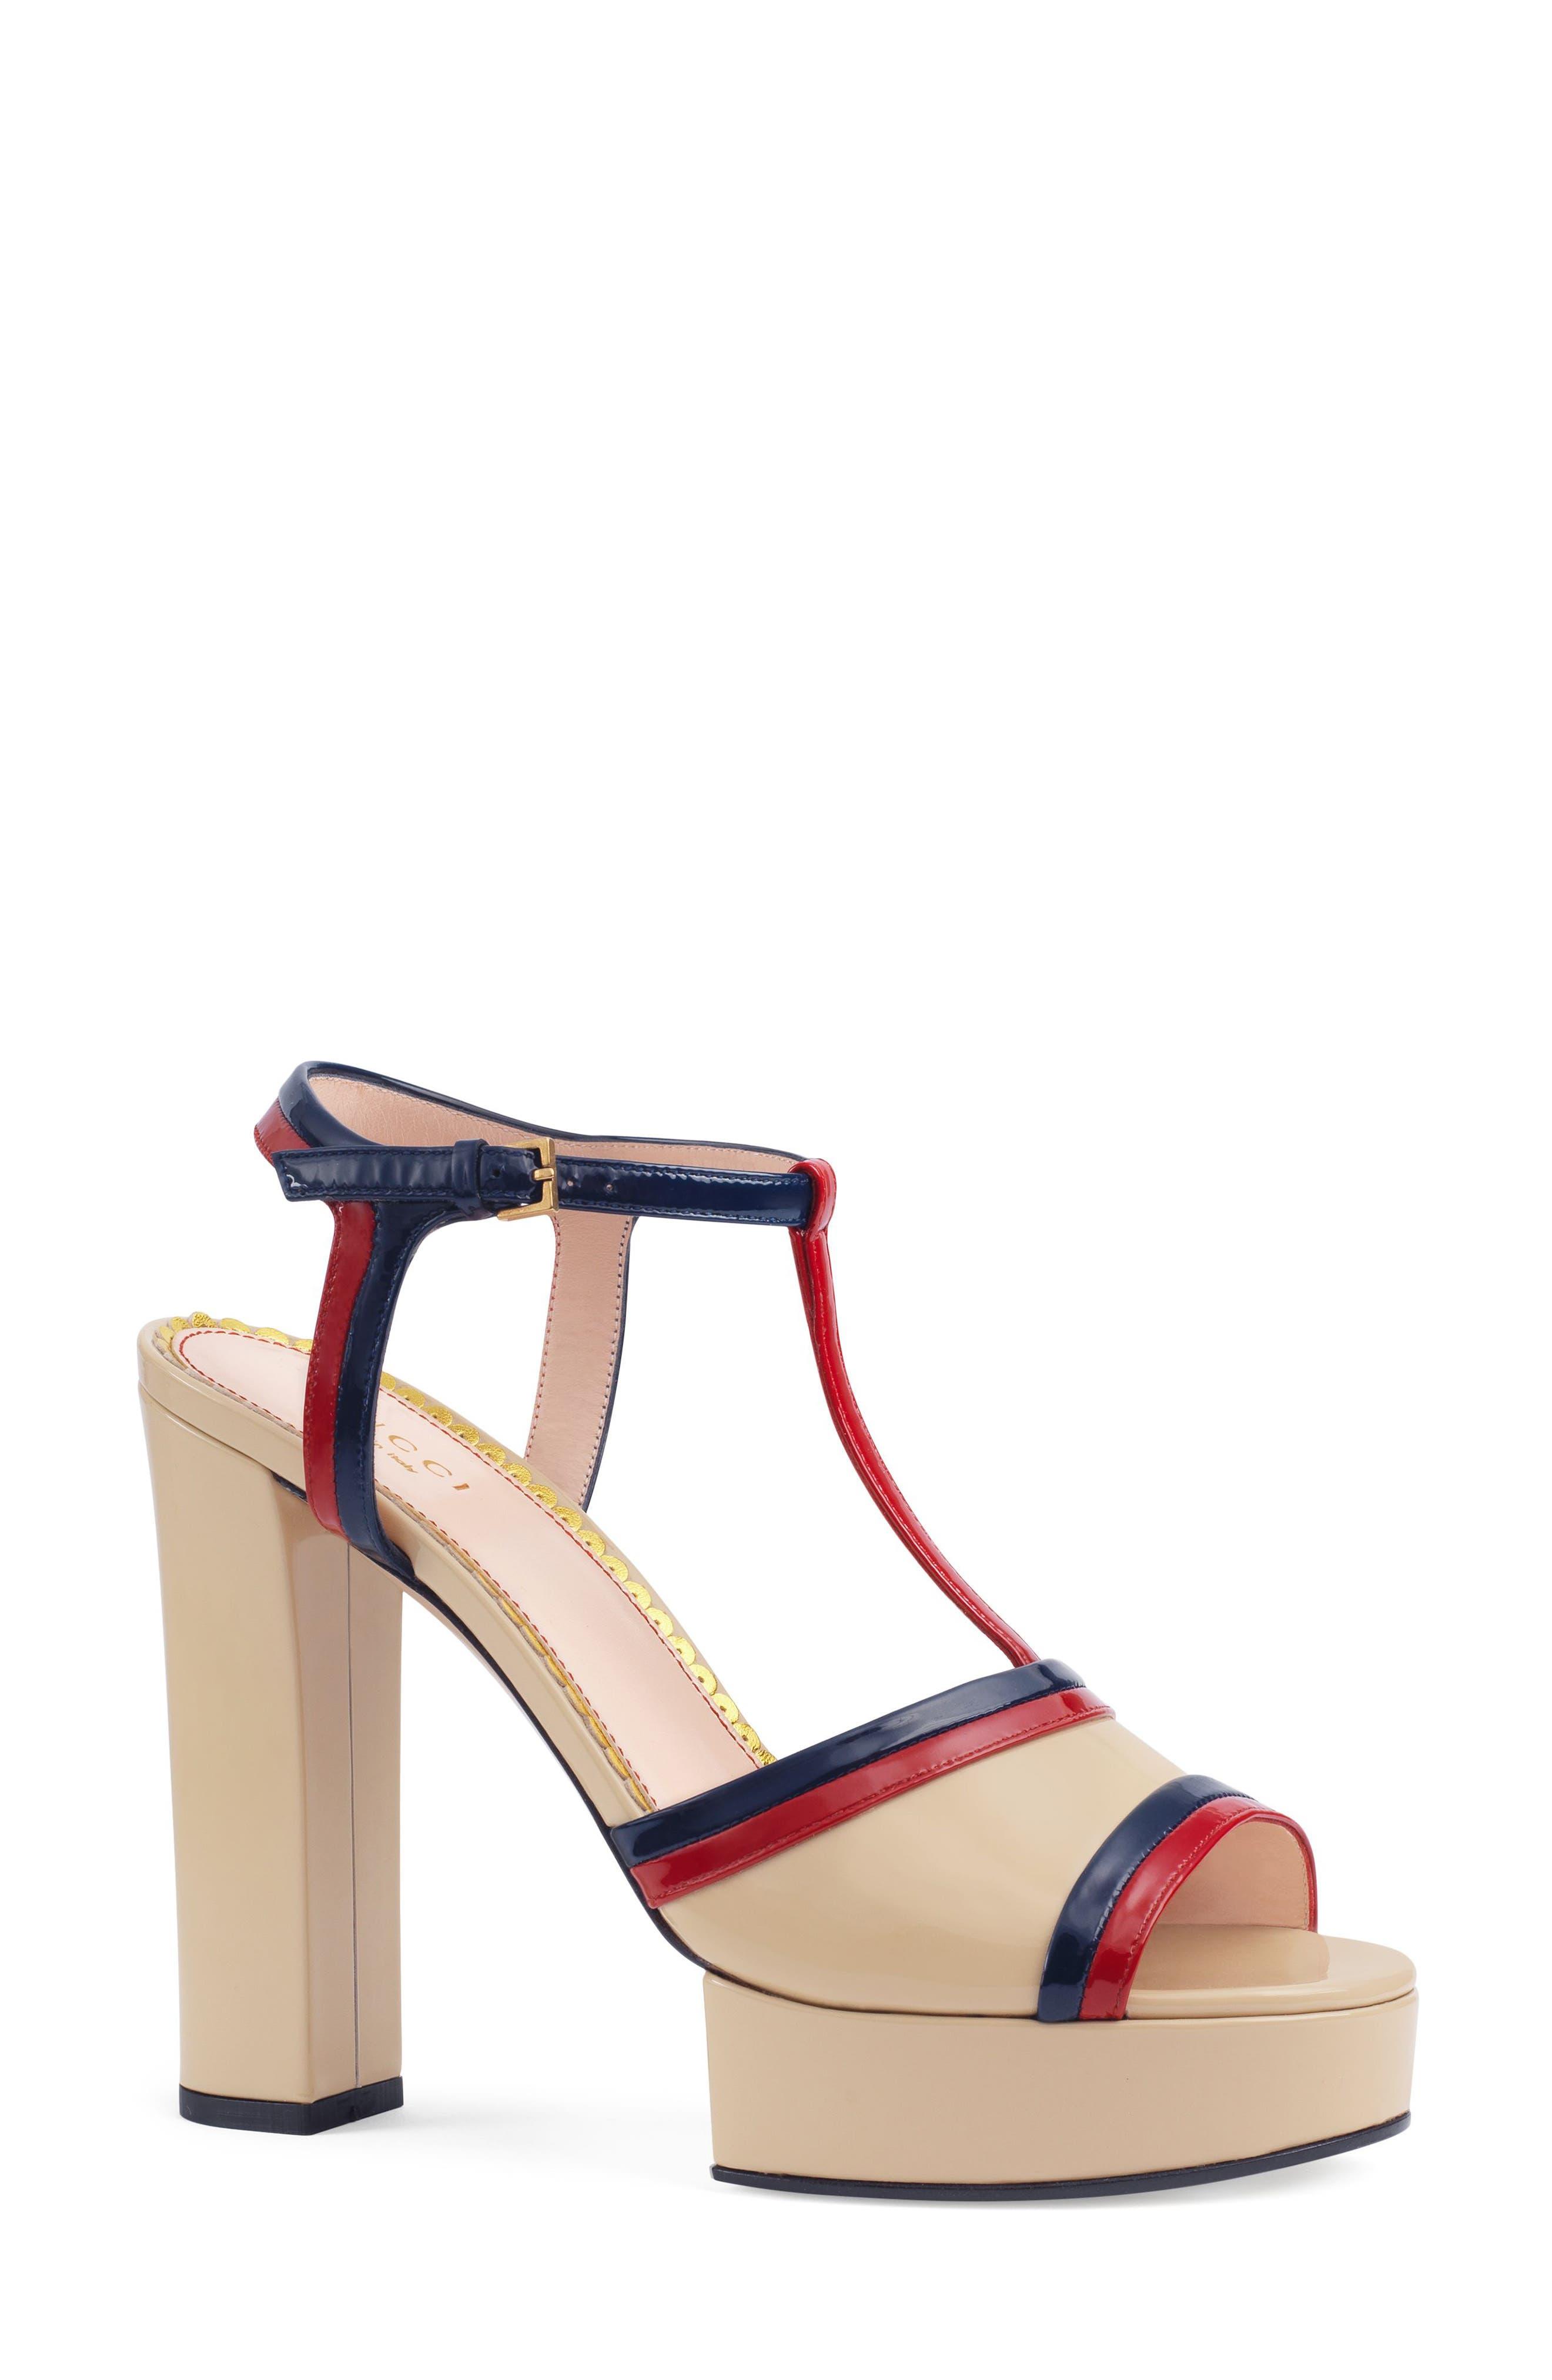 Millie T-Strap Platform Sandal,                             Main thumbnail 1, color,                             250